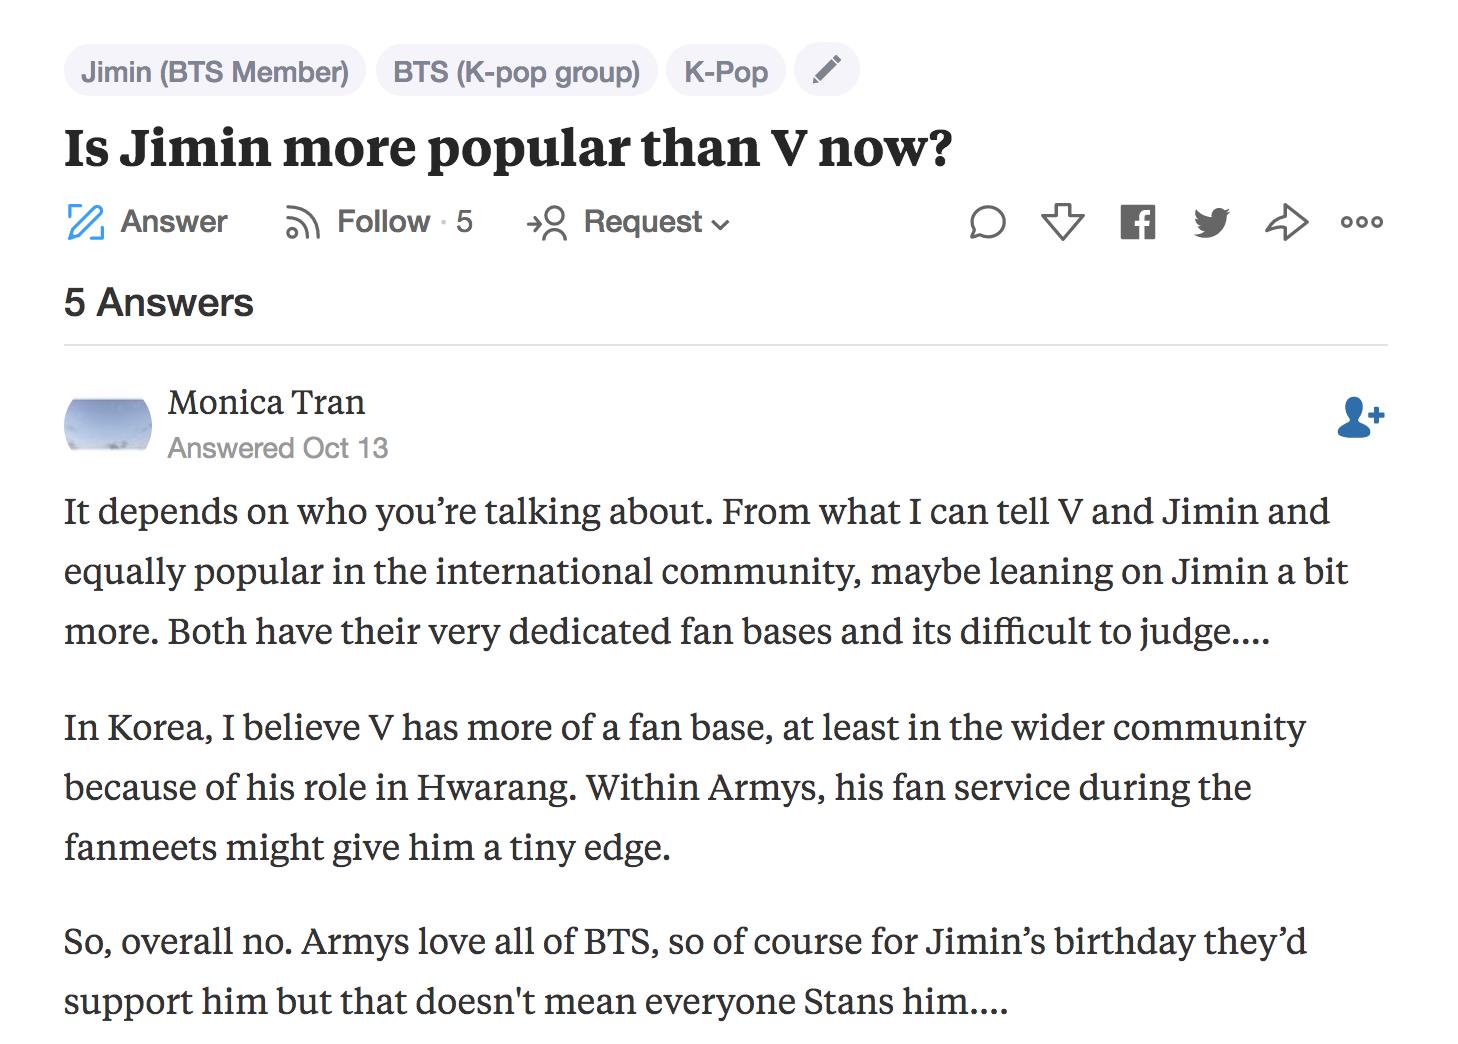 bts jimin popularity